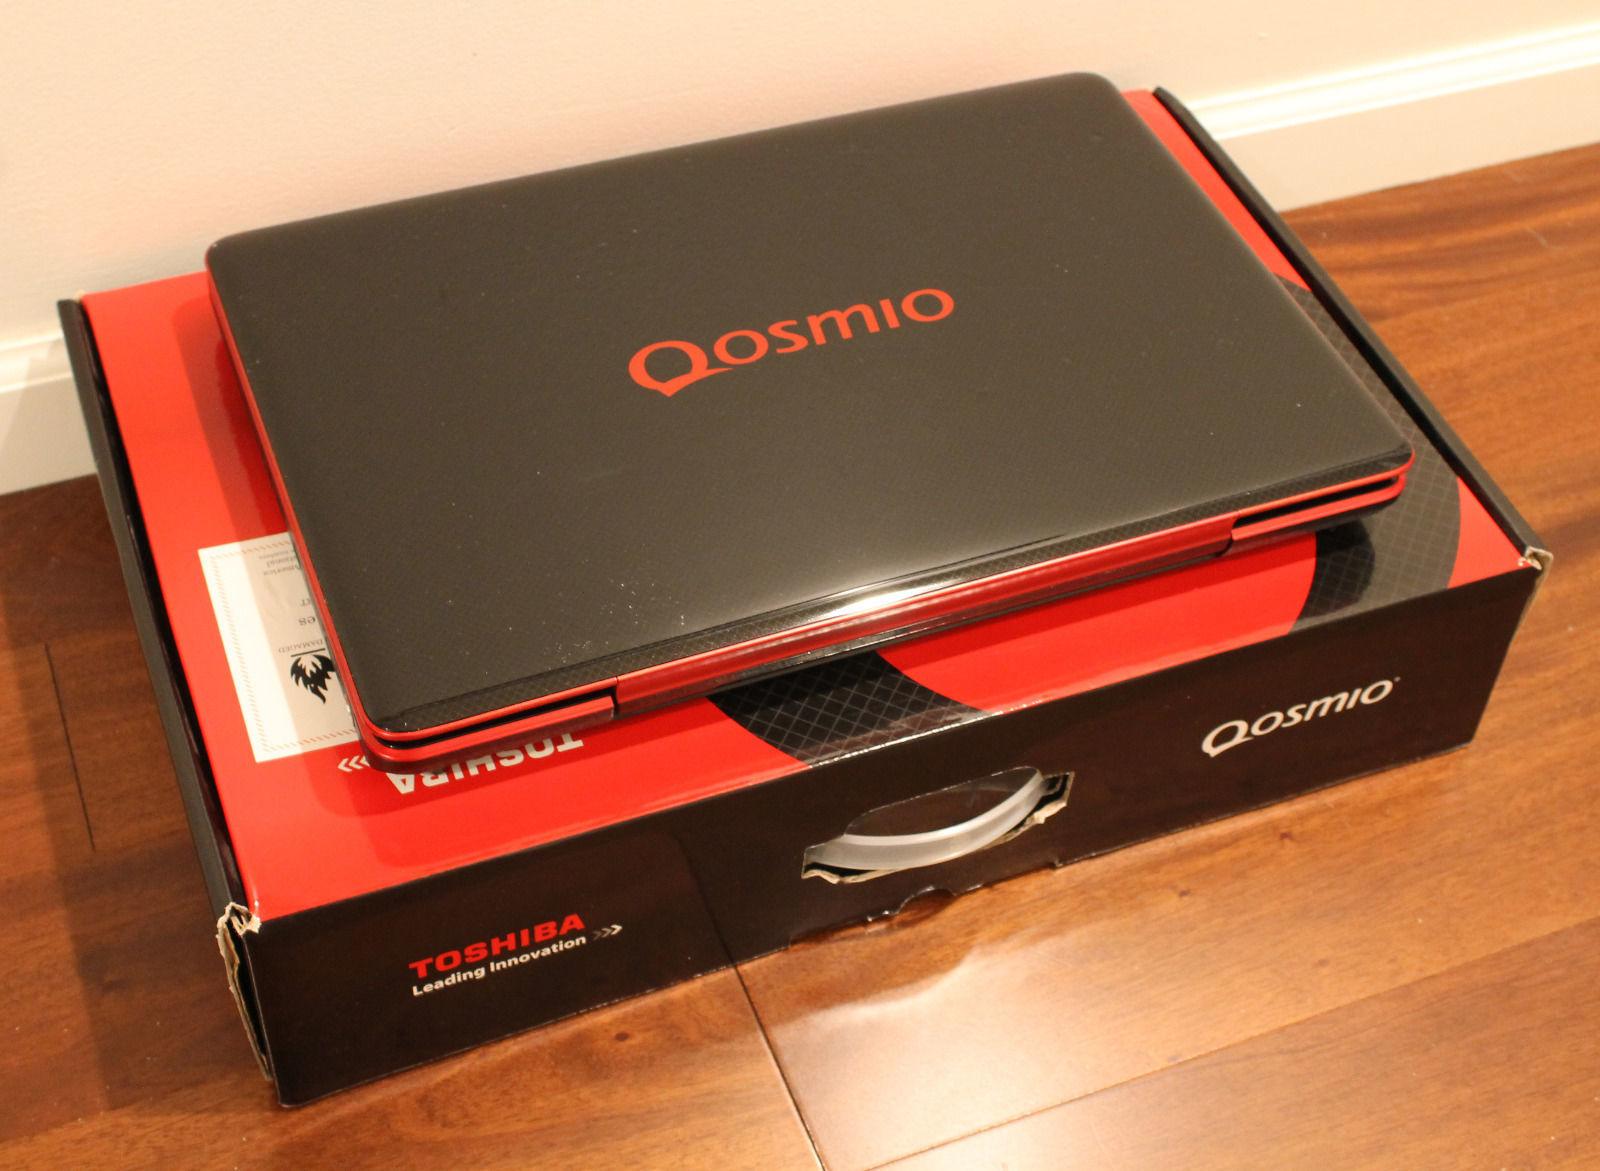 harga TOSHIBA Qosmio X505-Q870 18.4 Gaming Laptop, 1.6GHz Intel Core i7, Tokopedia.com